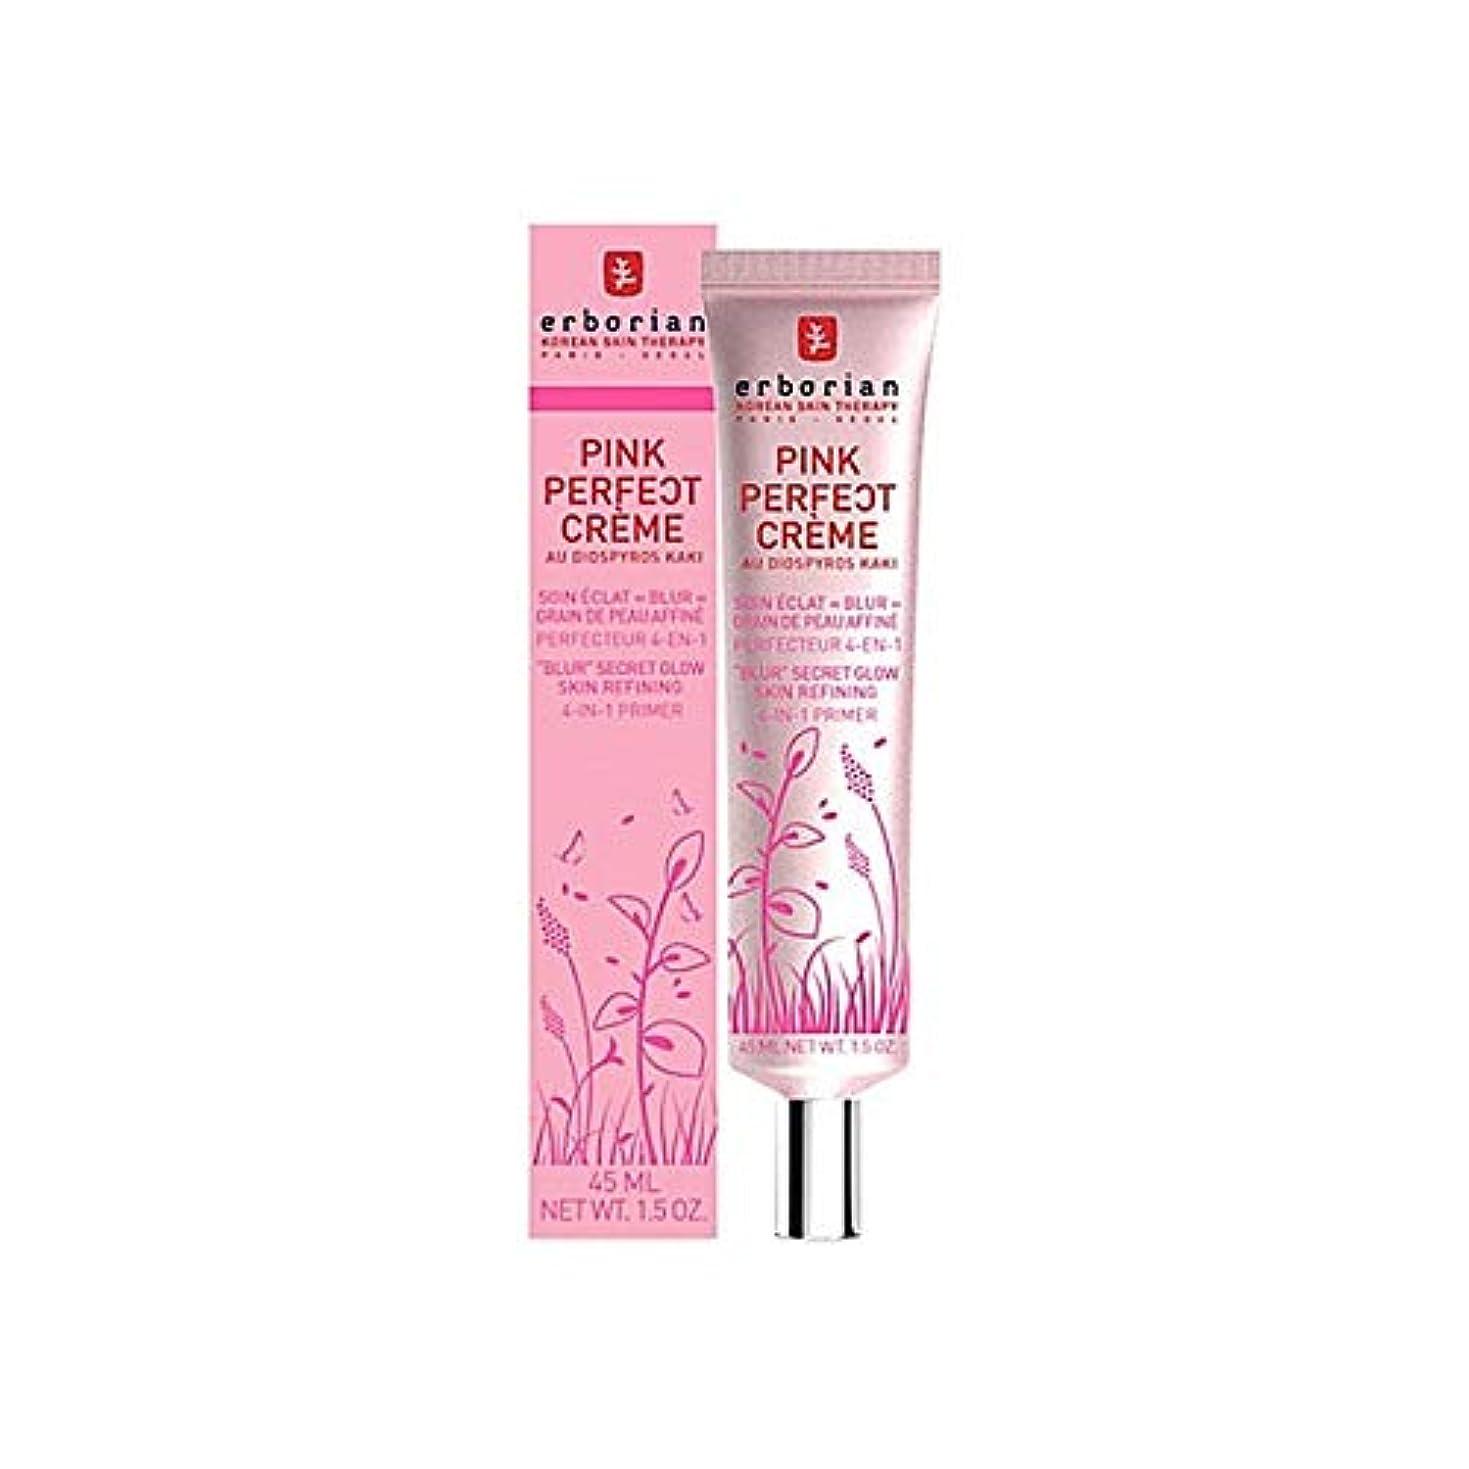 座るフィードバック些細な[Erborian] Erborianピンクの完璧なクリーム15ミリリットル - Erborian Pink Perfect Creme 15ml [並行輸入品]